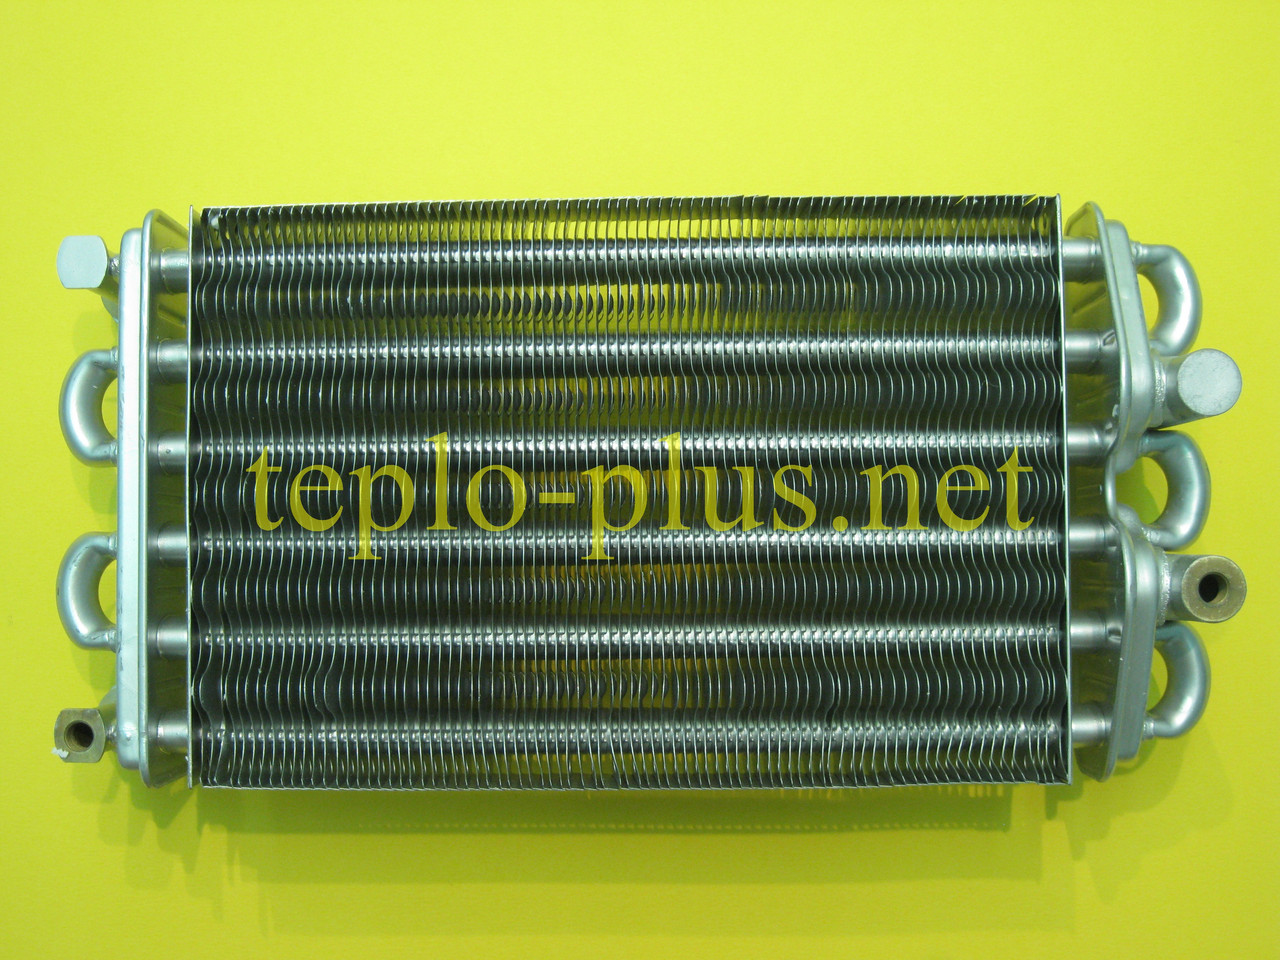 Теплообменник на газовый котел sime format.zip 5-25 bf в харькове пластинчатый теплообменник 08-0515-01